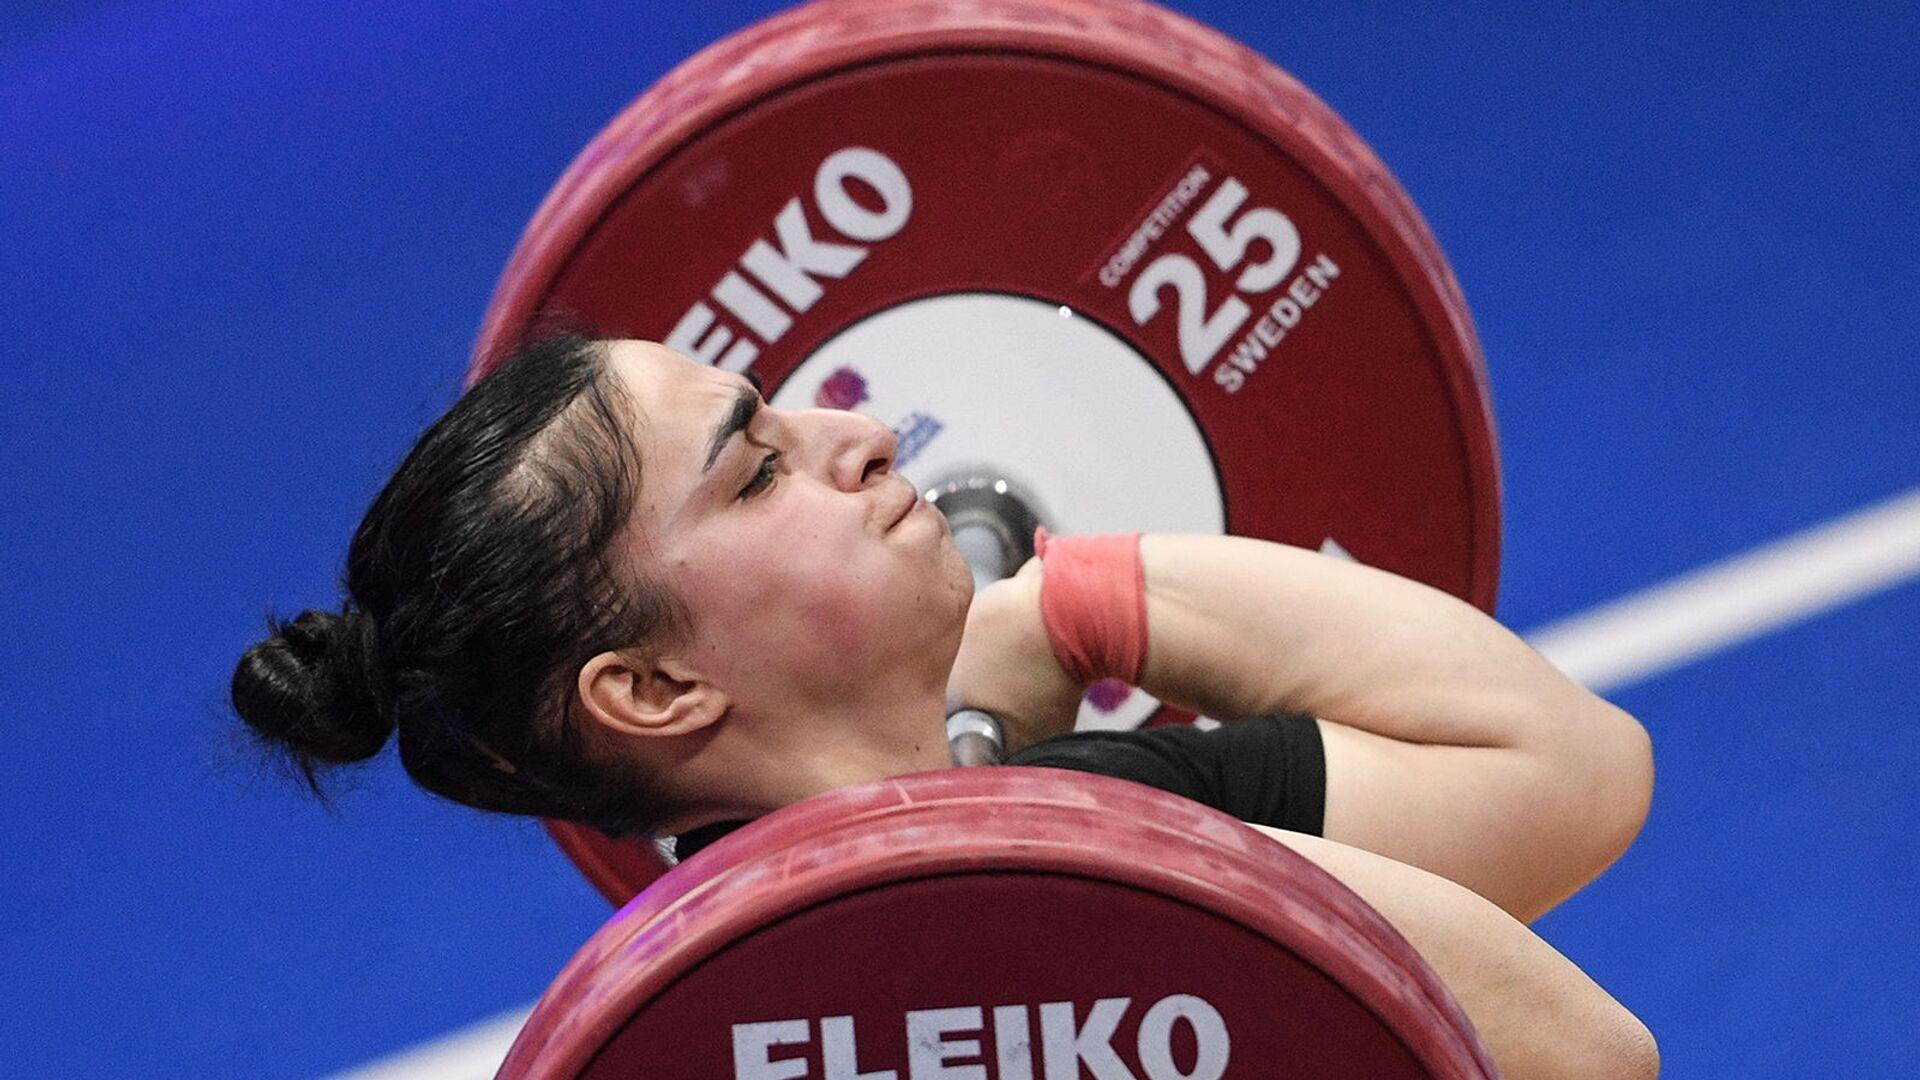 Лиана Гюрджян выступает на чемпионате Европы по тяжелой атлетике в весовой категории до 81 кг среди женщин (9 апреля 2021). Москвa - Sputnik Արմենիա, 1920, 12.04.2021